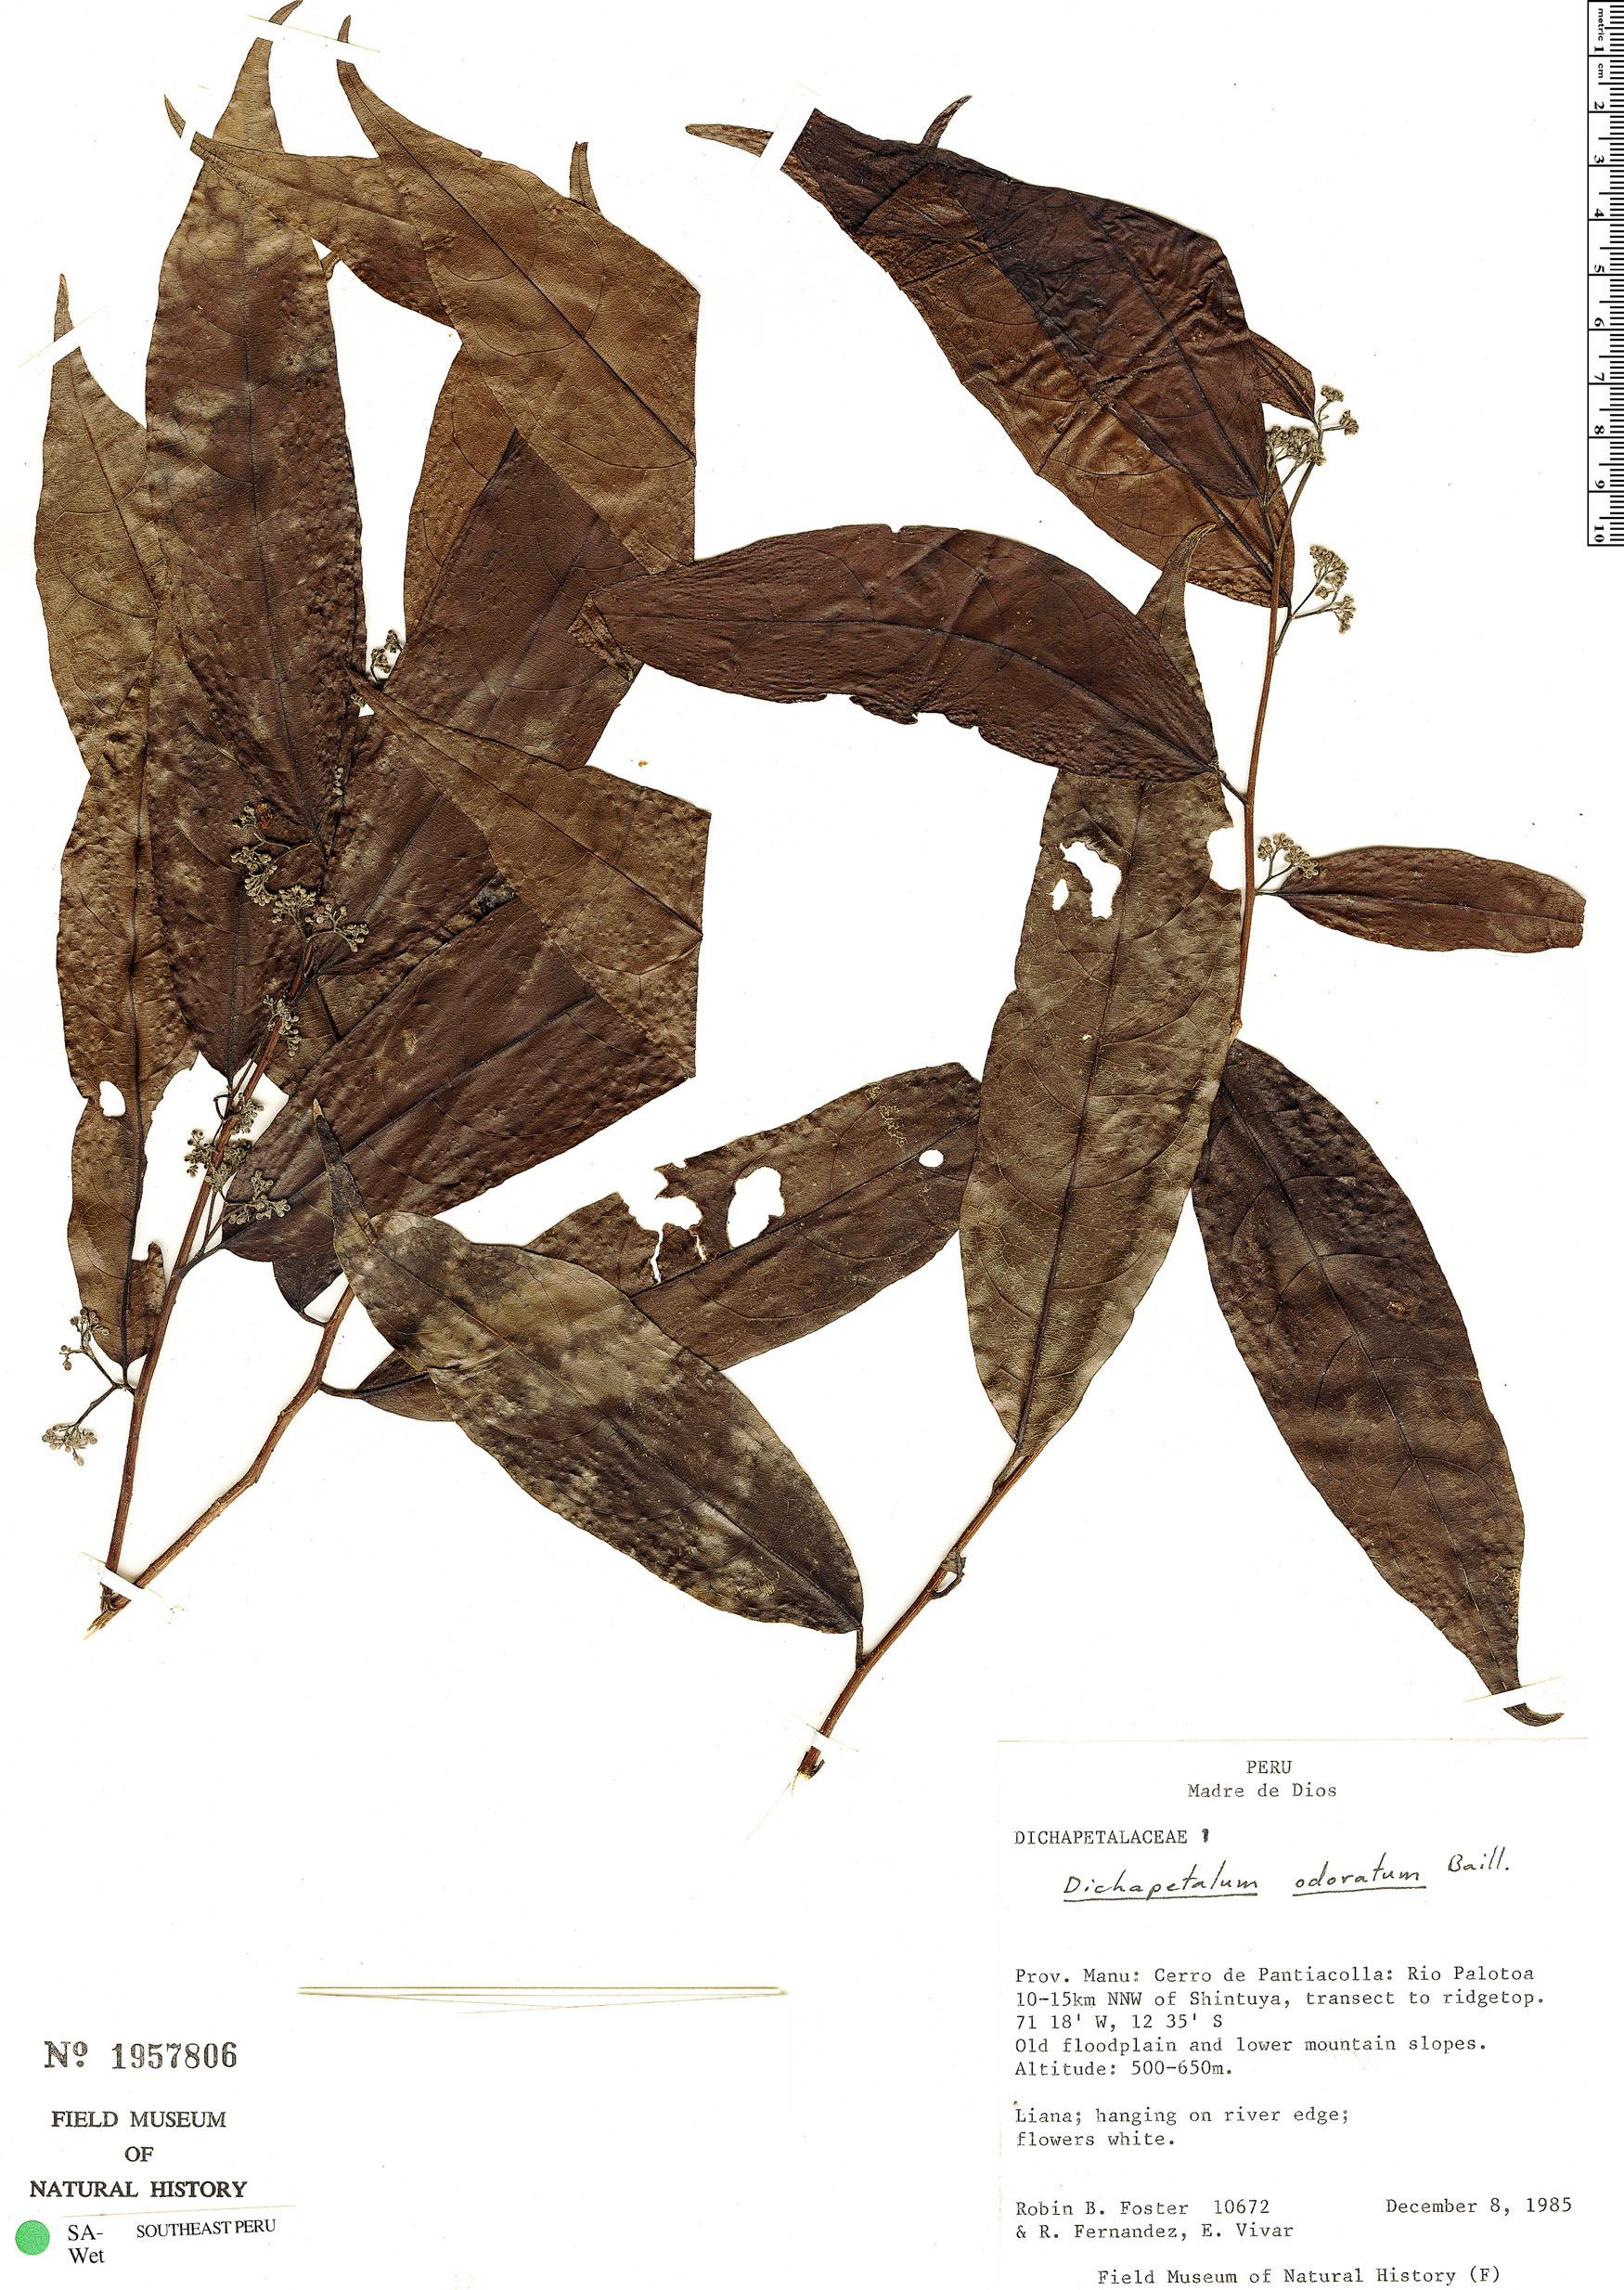 Specimen: Dichapetalum odoratum